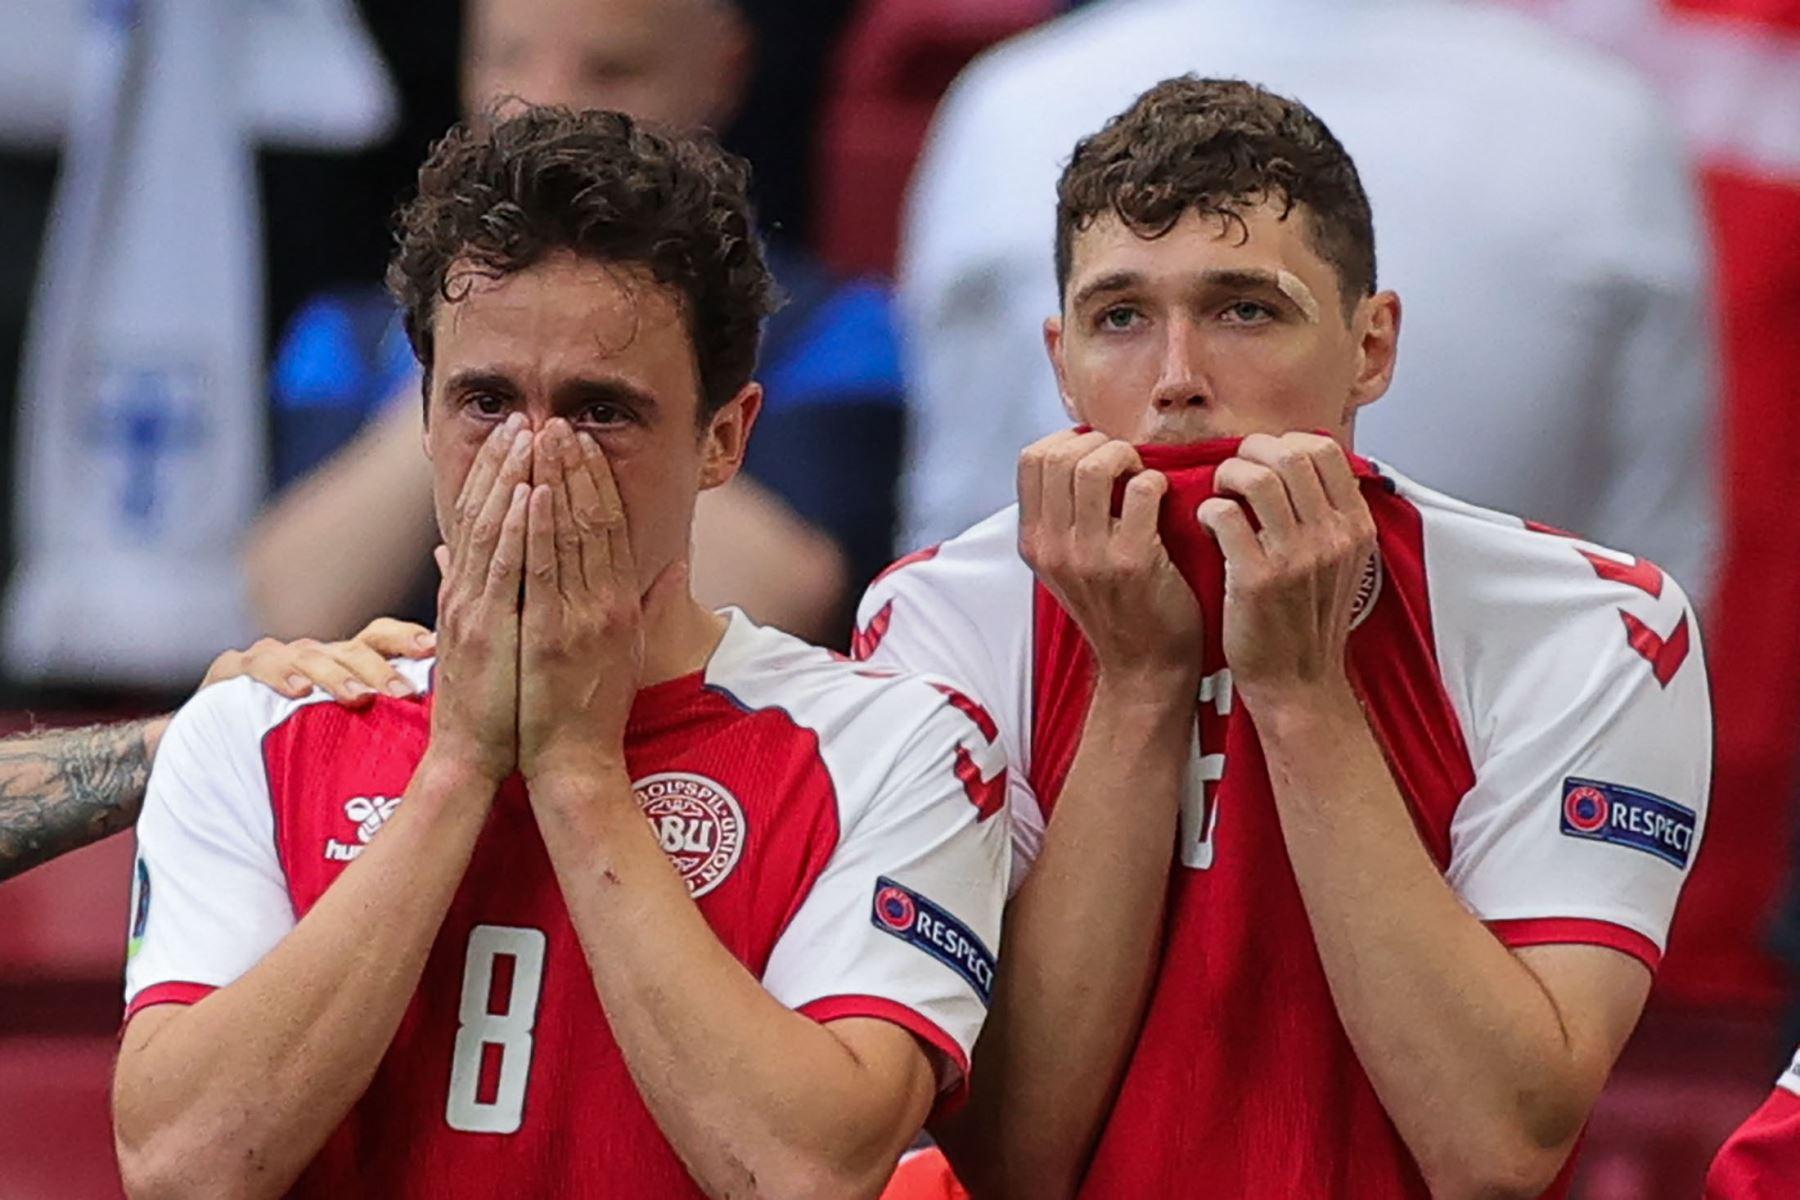 El mediocampista danés Thomas Delaney y el defensor danés Andreas Christensen reaccionan cuando los paramédicos atienden al mediocampista danés Christian Eriksen después de que se derrumbó en el campo durante el partido de fútbol del Grupo B de la UEFA EURO 2020 entre Dinamarca y Finlandia. Foto: AFP